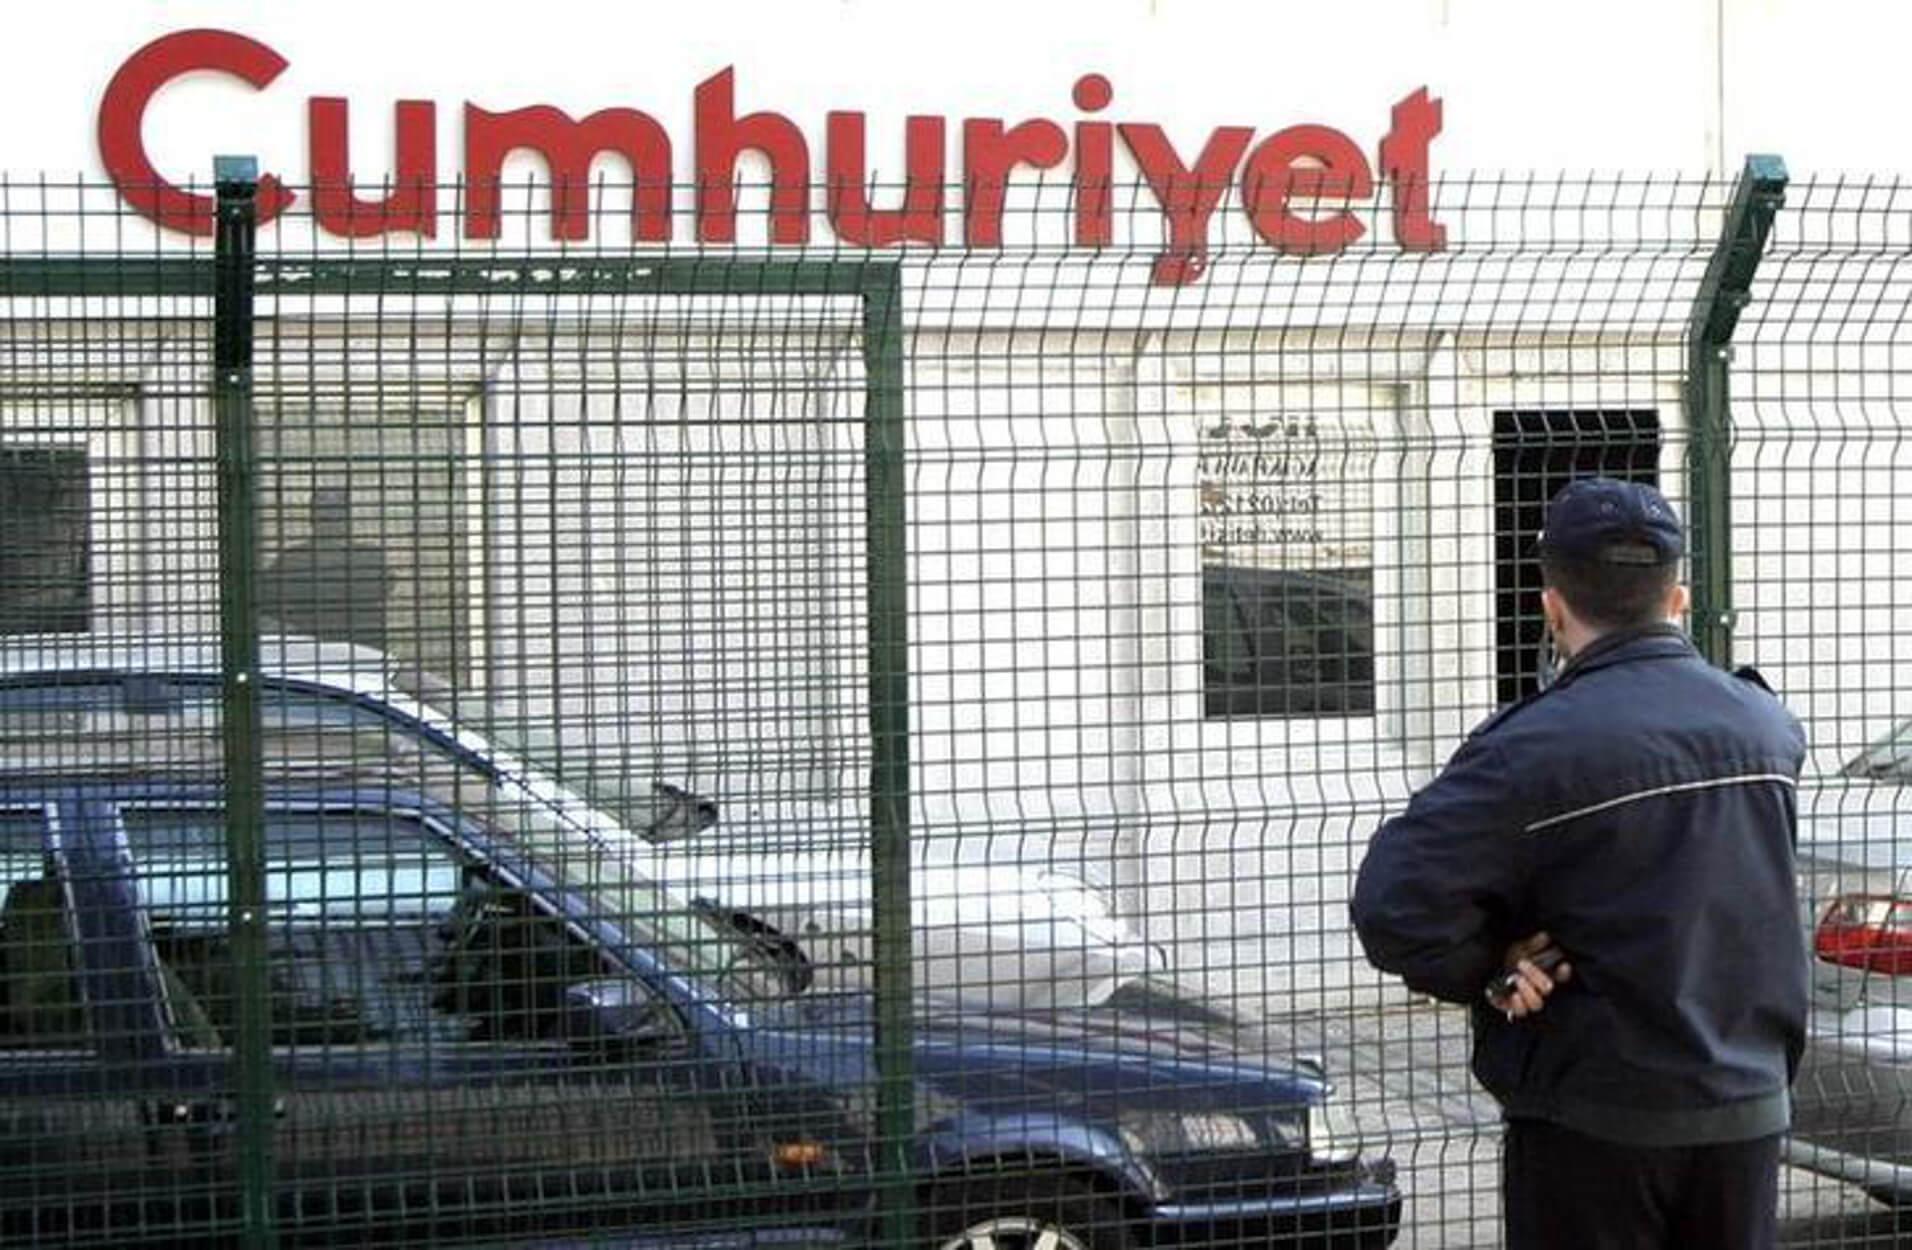 """Αποφυλακίζεται ο τελευταίος κρατούμενος της """"Cumhuriyet"""" που είχε καταδικαστεί για """"τρομοκρατία"""""""